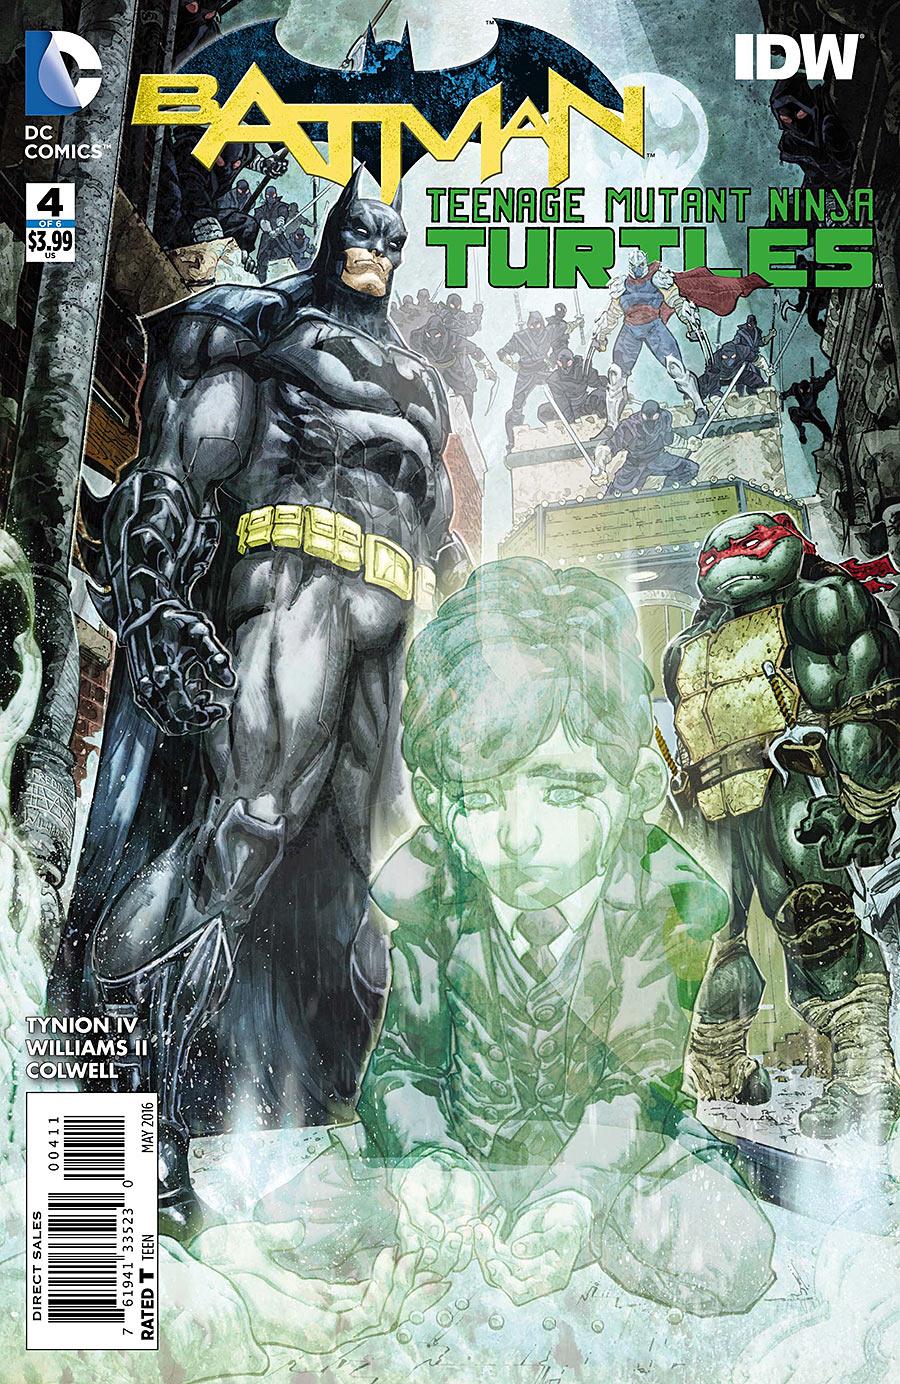 Batman / Teenage Mutant Ninja Turtles #4